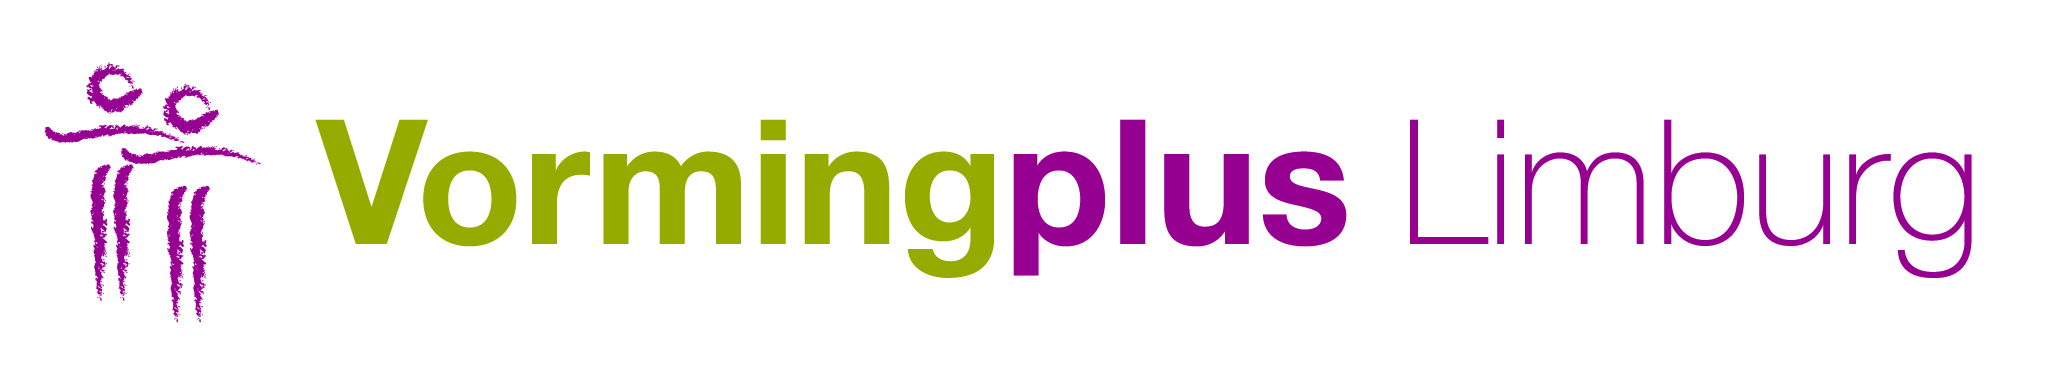 Afbeeldingsresultaat voor logo vormingplus limburg